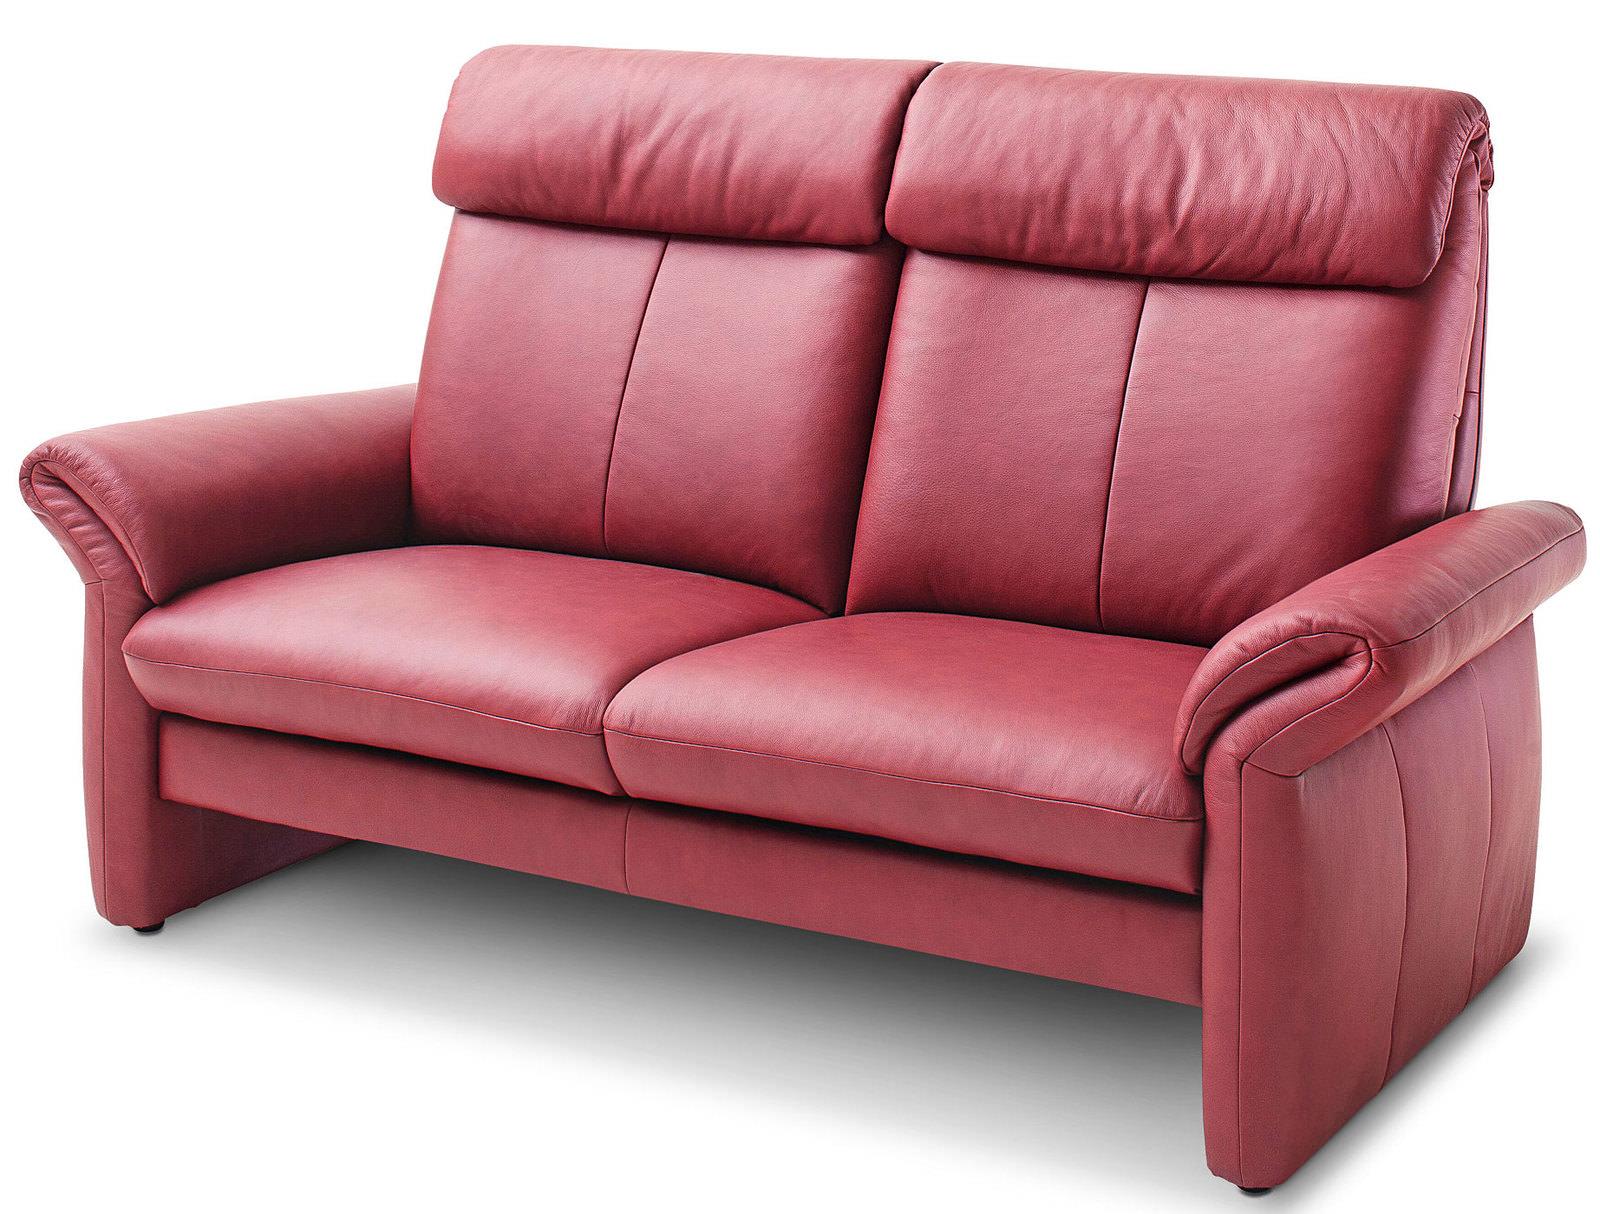 mondo 2 5 sitzer sofa online entdecken knuffmann ihr. Black Bedroom Furniture Sets. Home Design Ideas